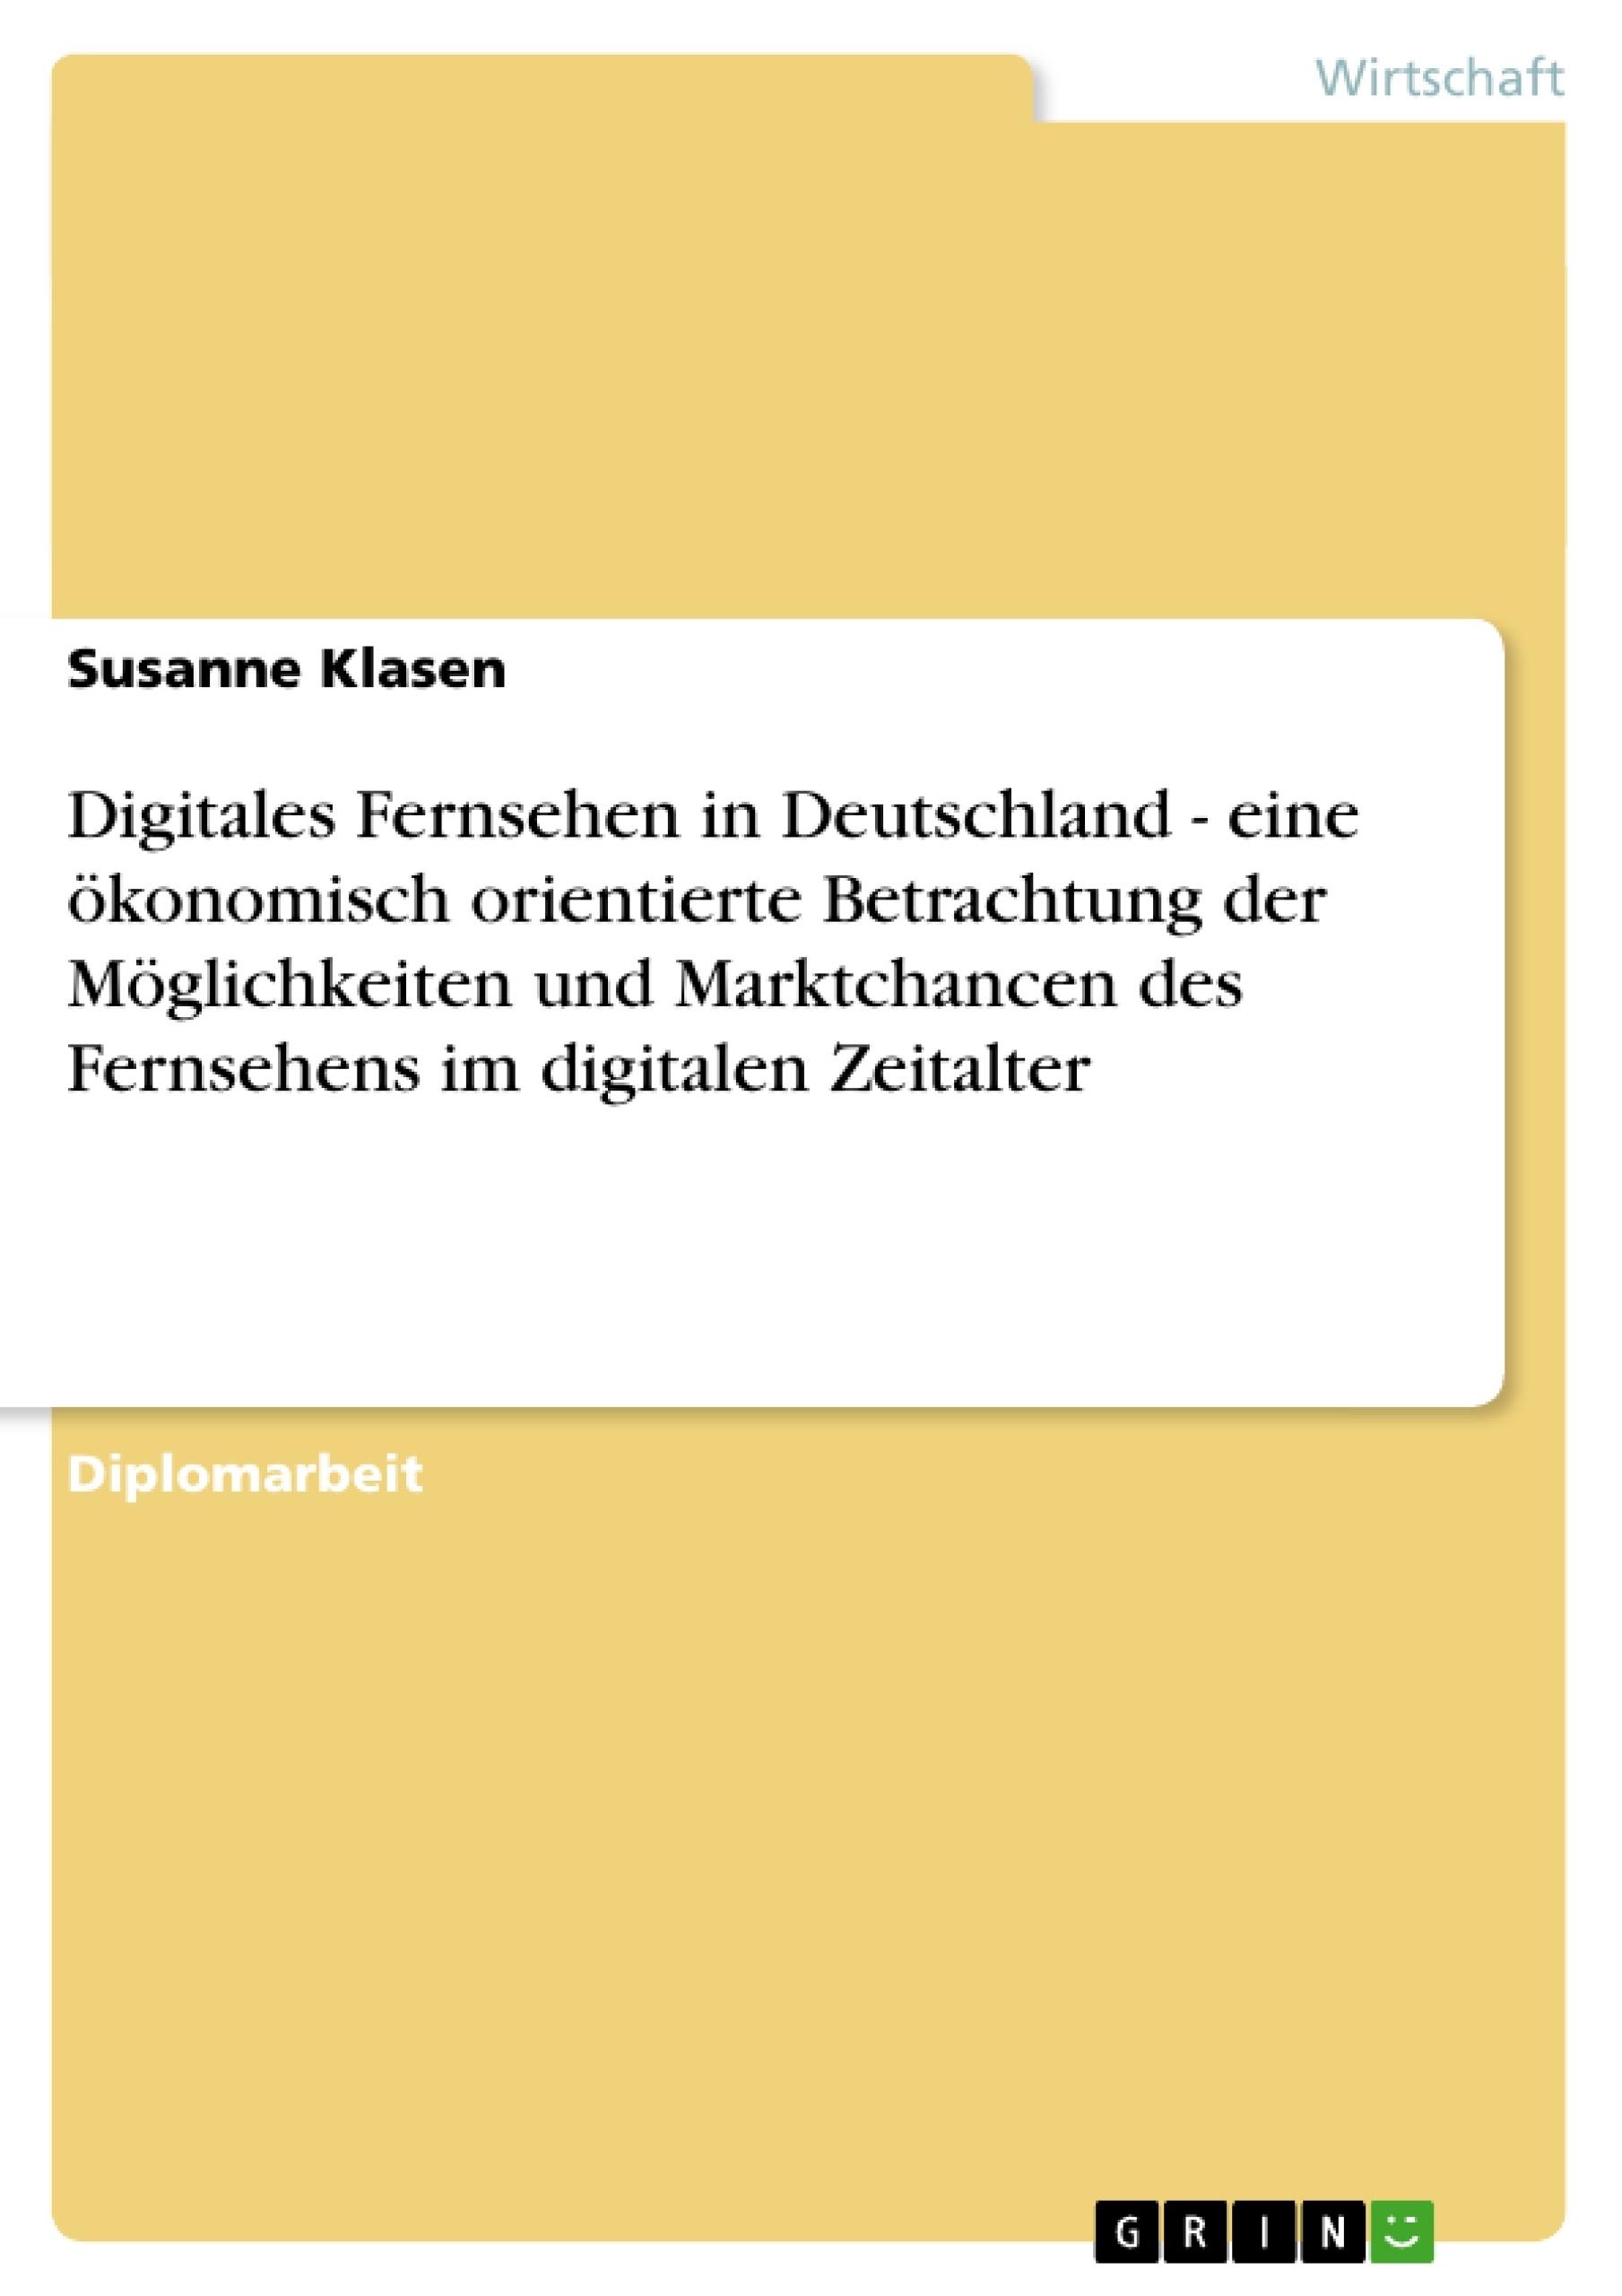 Titel: Digitales Fernsehen in Deutschland - eine ökonomisch orientierte Betrachtung der Möglichkeiten und Marktchancen des Fernsehens im digitalen Zeitalter